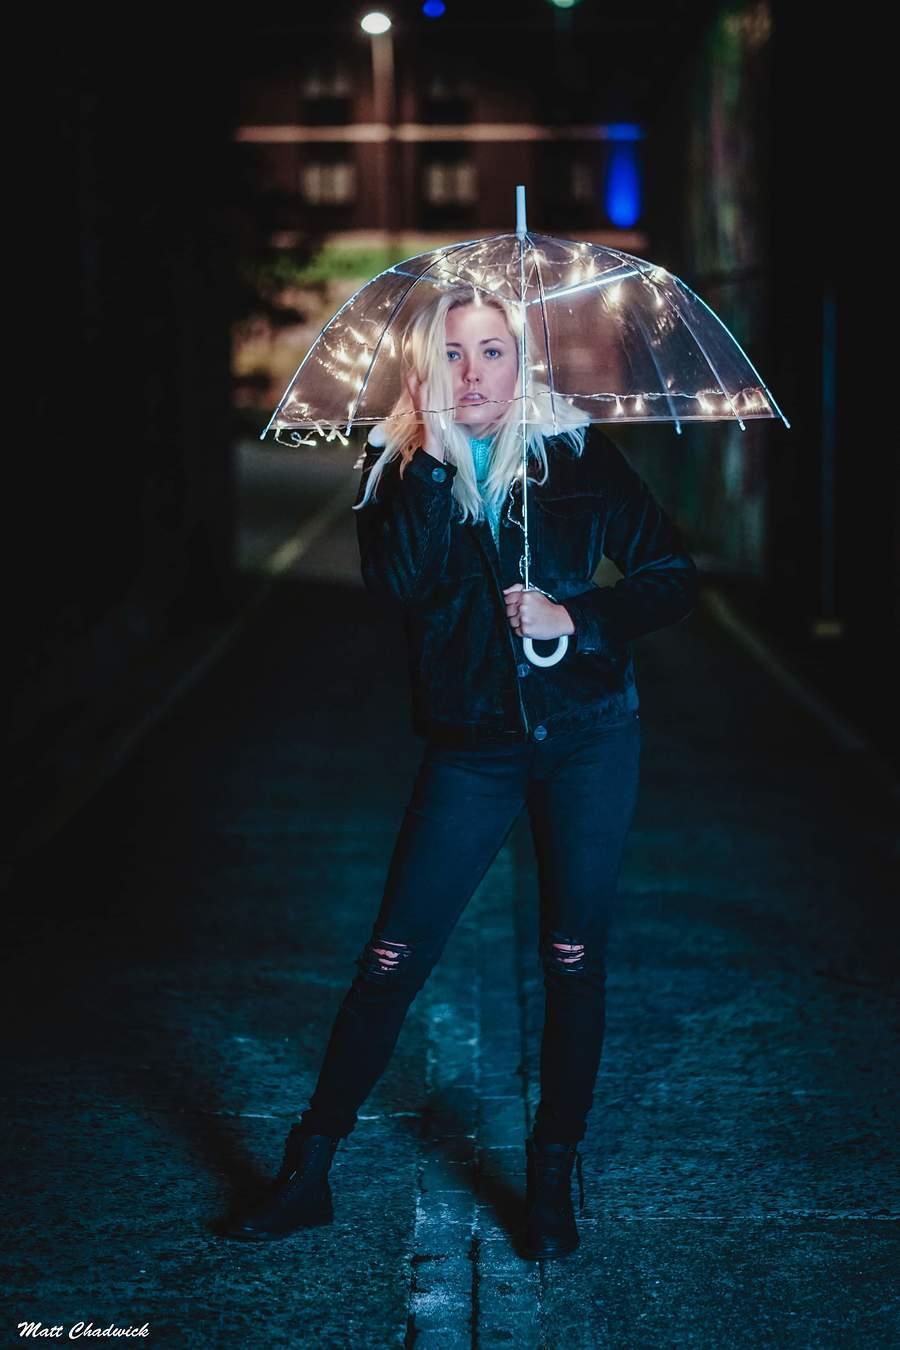 Photography by Matt Chadwick, Model Mimz / Uploaded 22nd October 2019 @ 04:28 PM